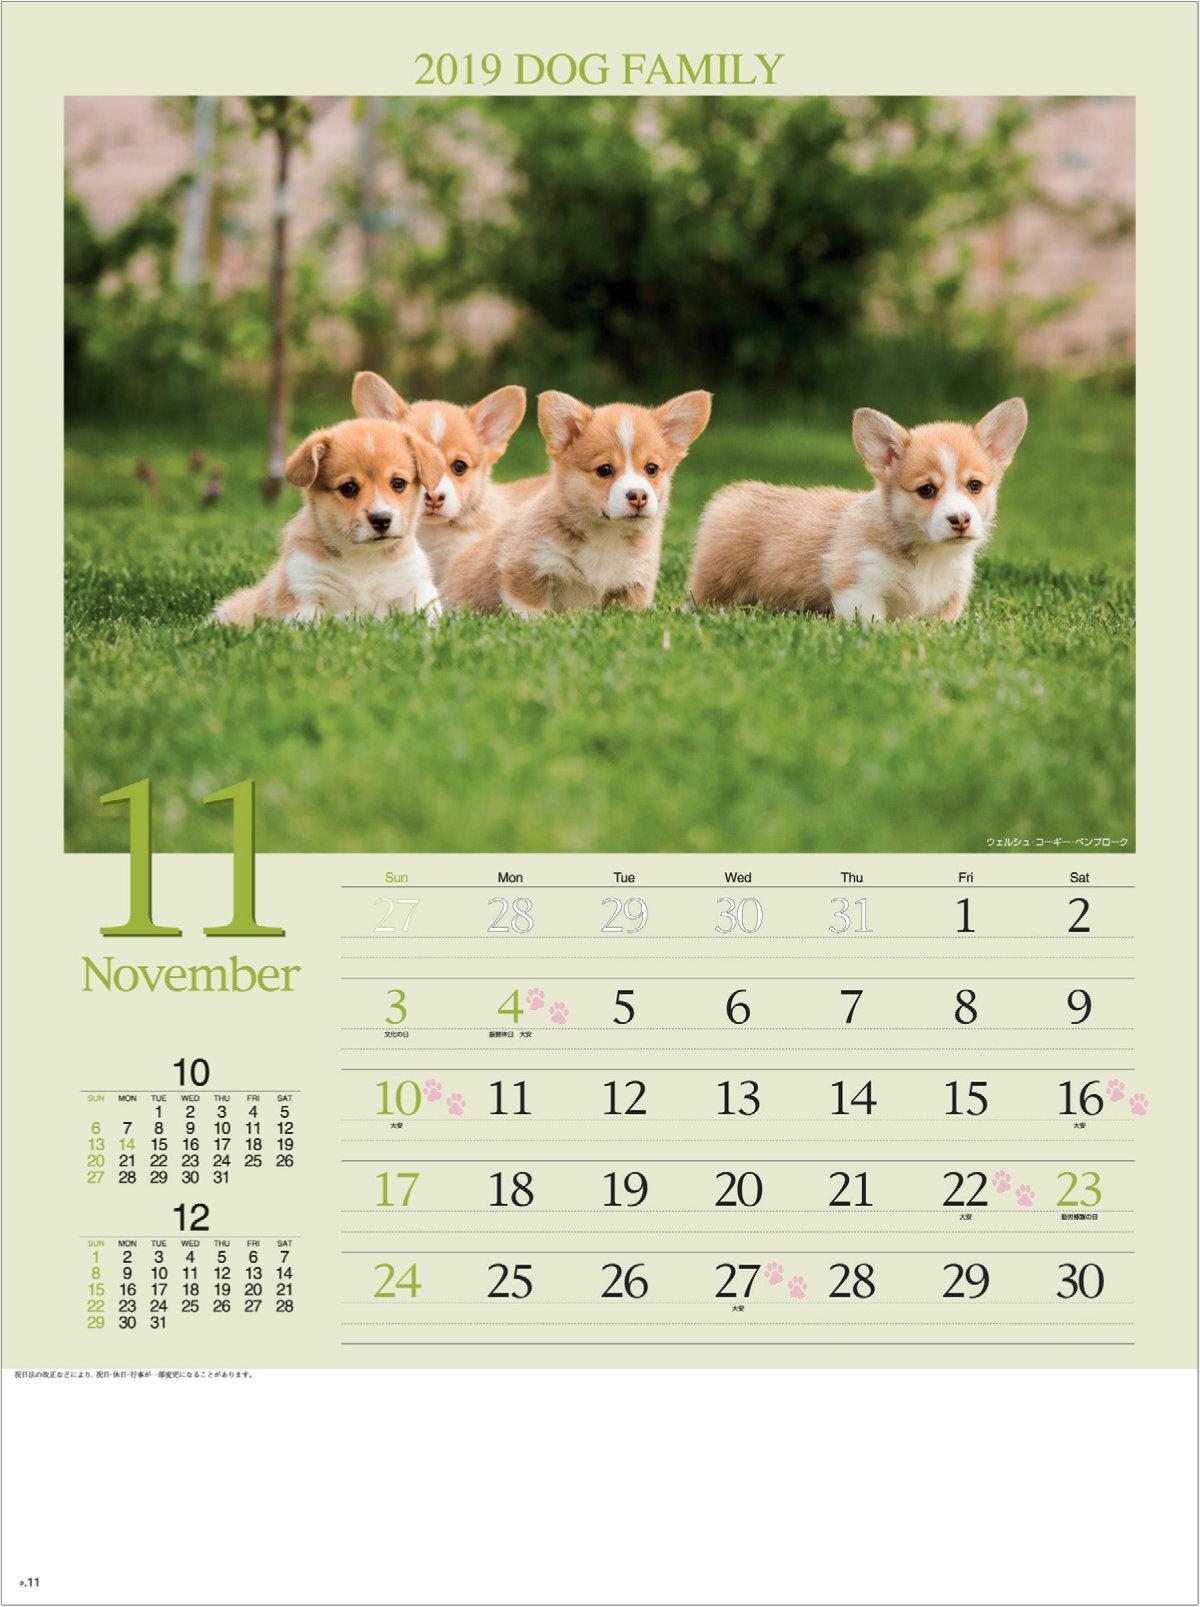 ドッグファミリー 2019年カレンダーの画像